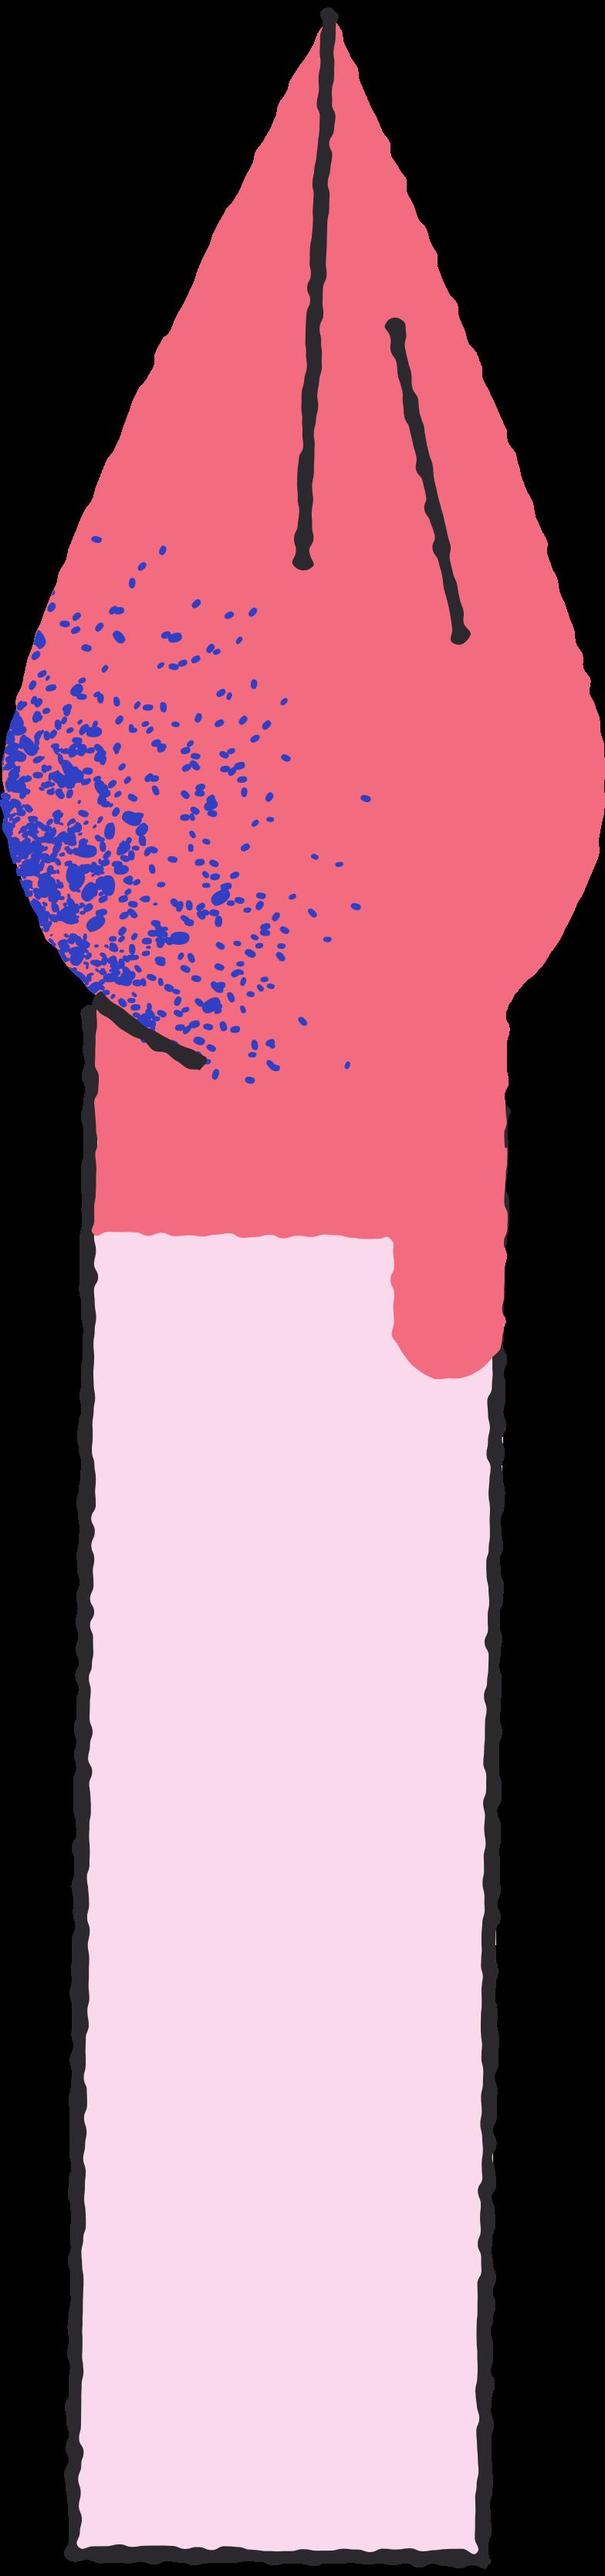 Escova vermelha Clipart illustration in PNG, SVG